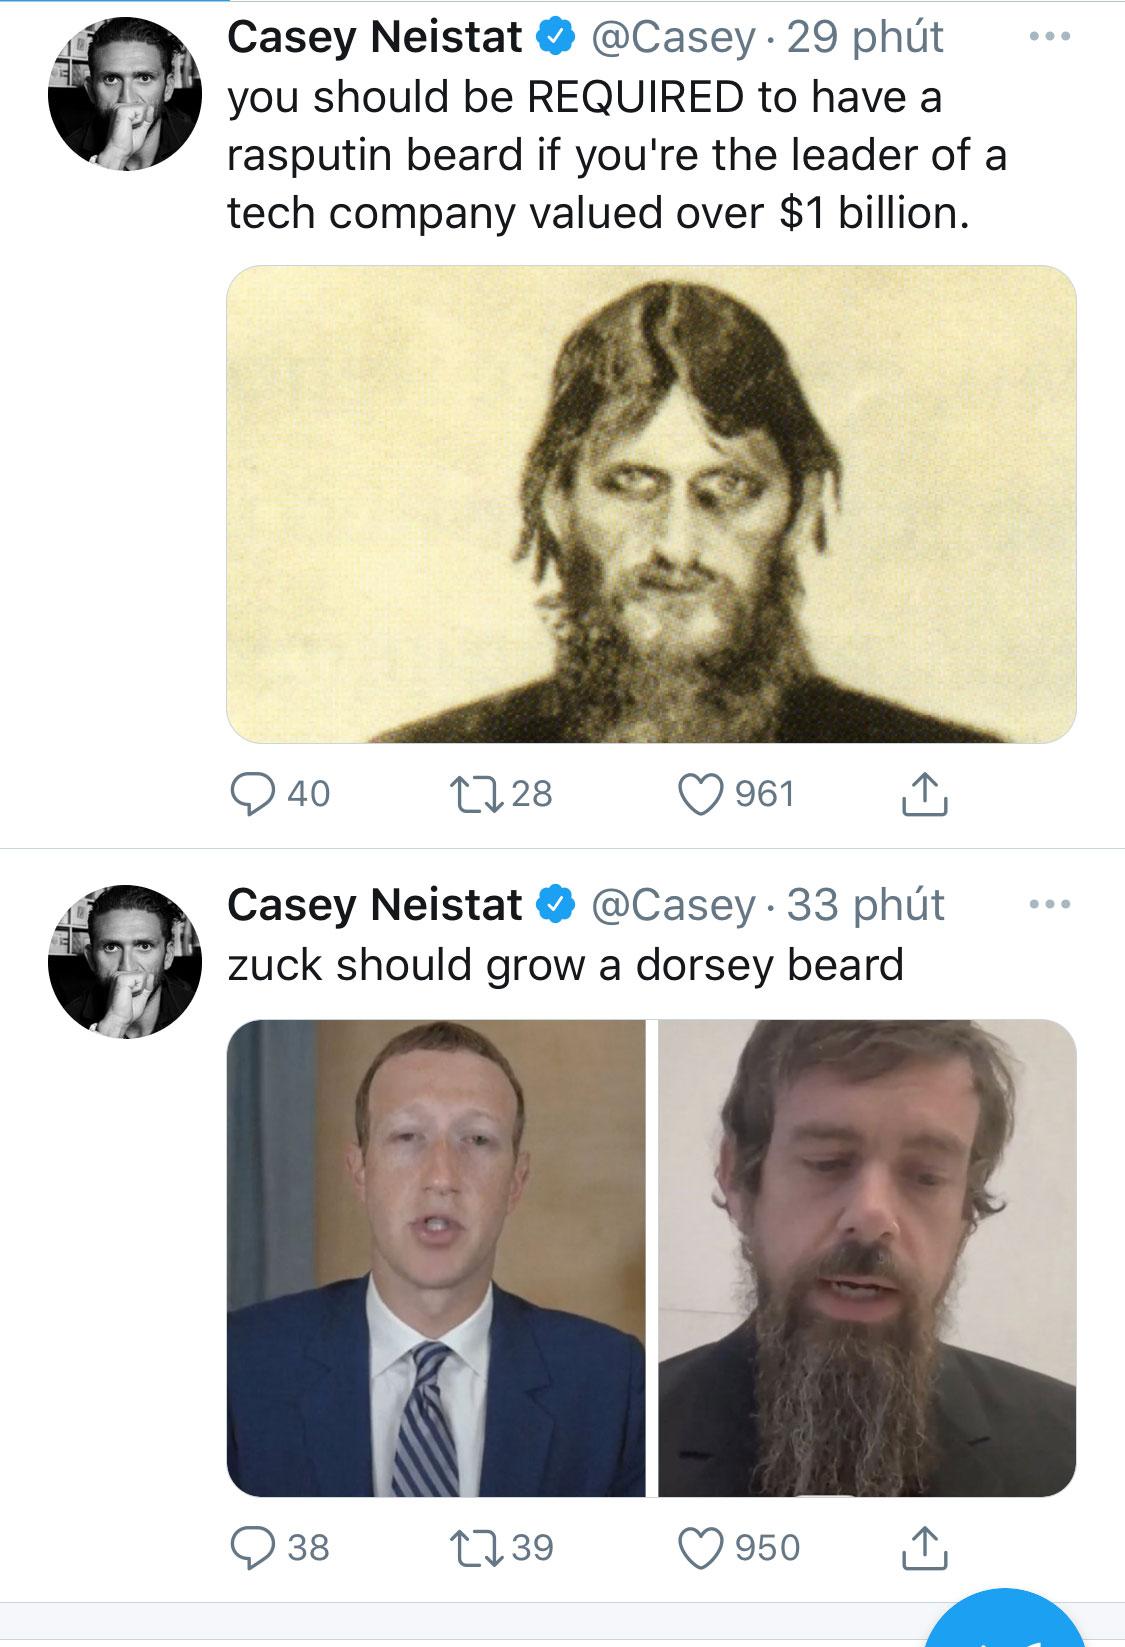 Bộ râu của CEO Twitter trong buổi điều trần trở thành chủ đề bàn tán trên mạng xã hội.